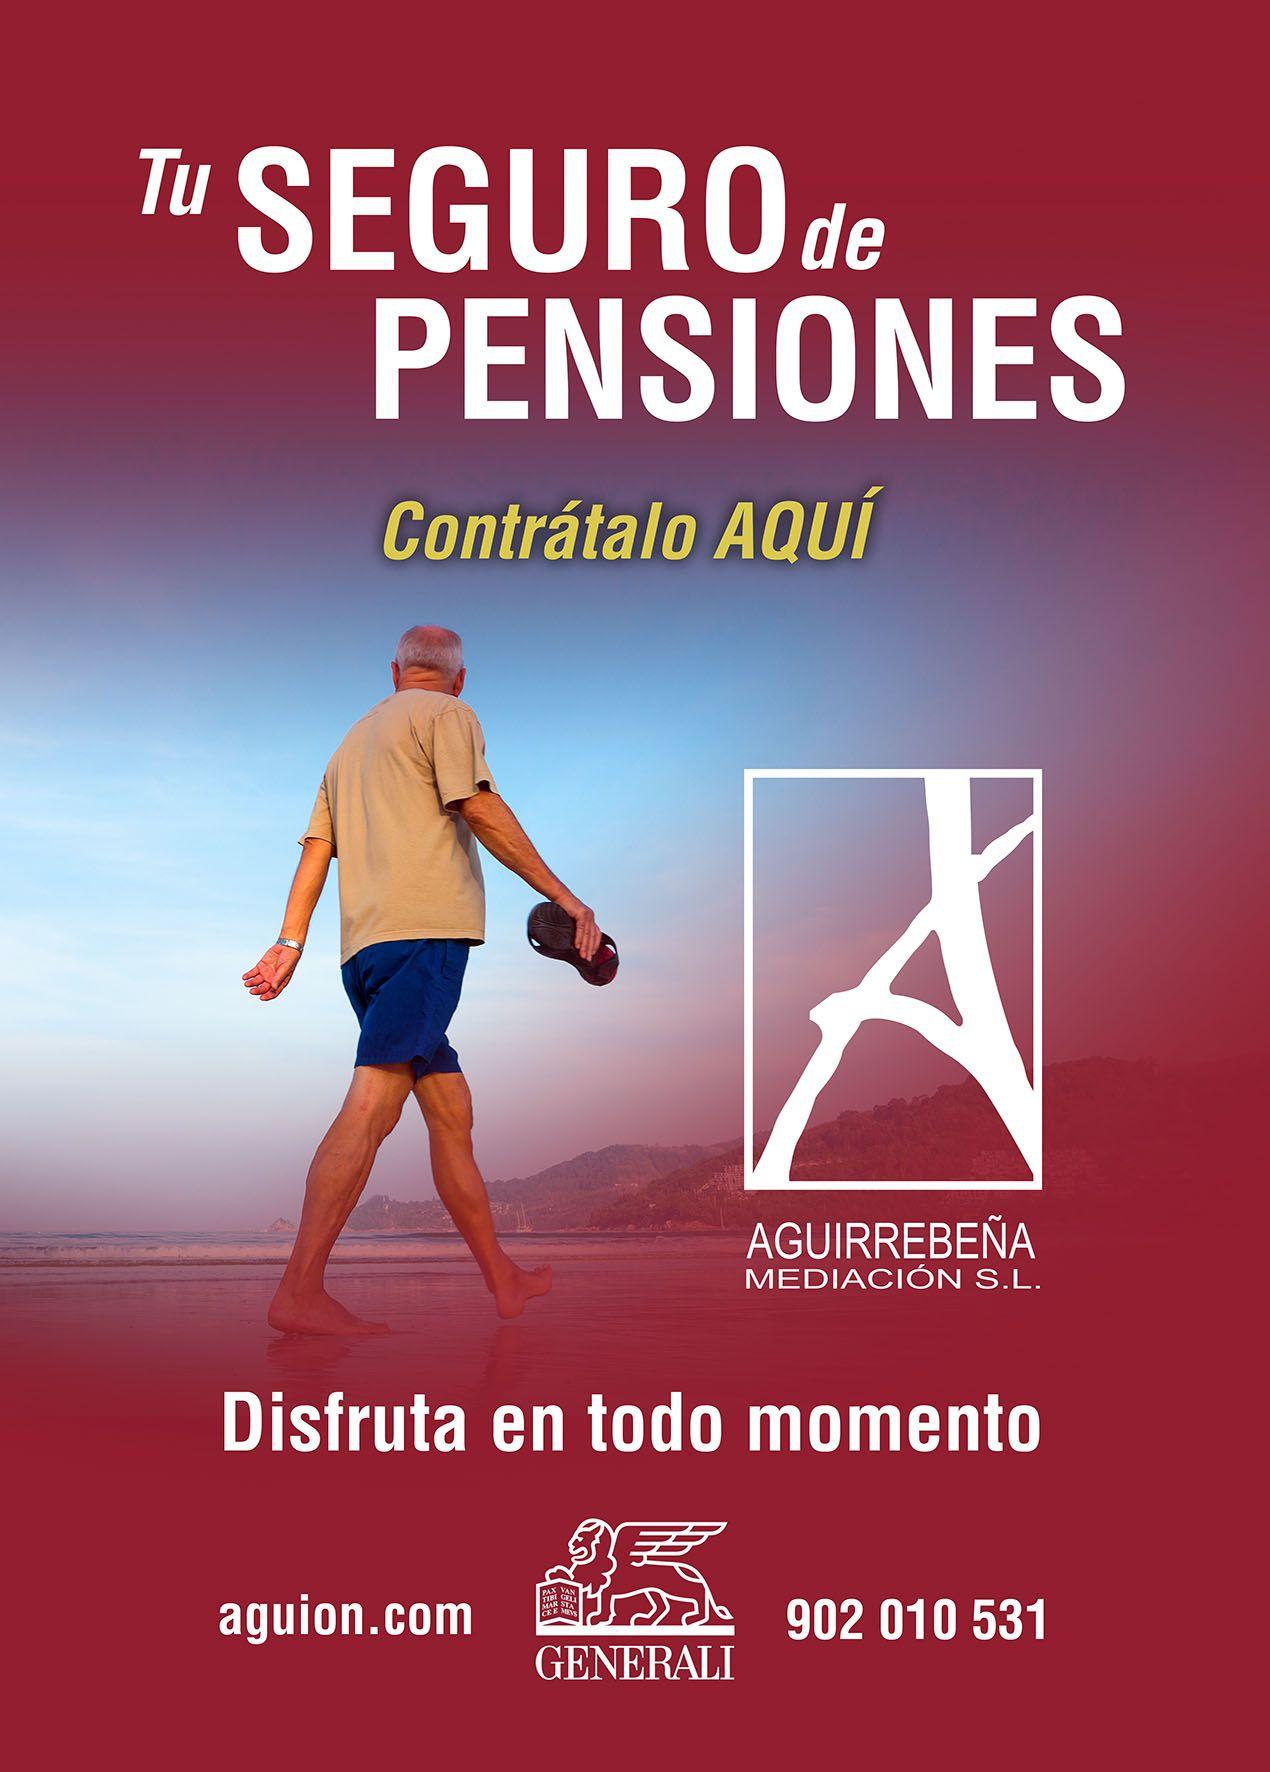 Seguros de pensiones